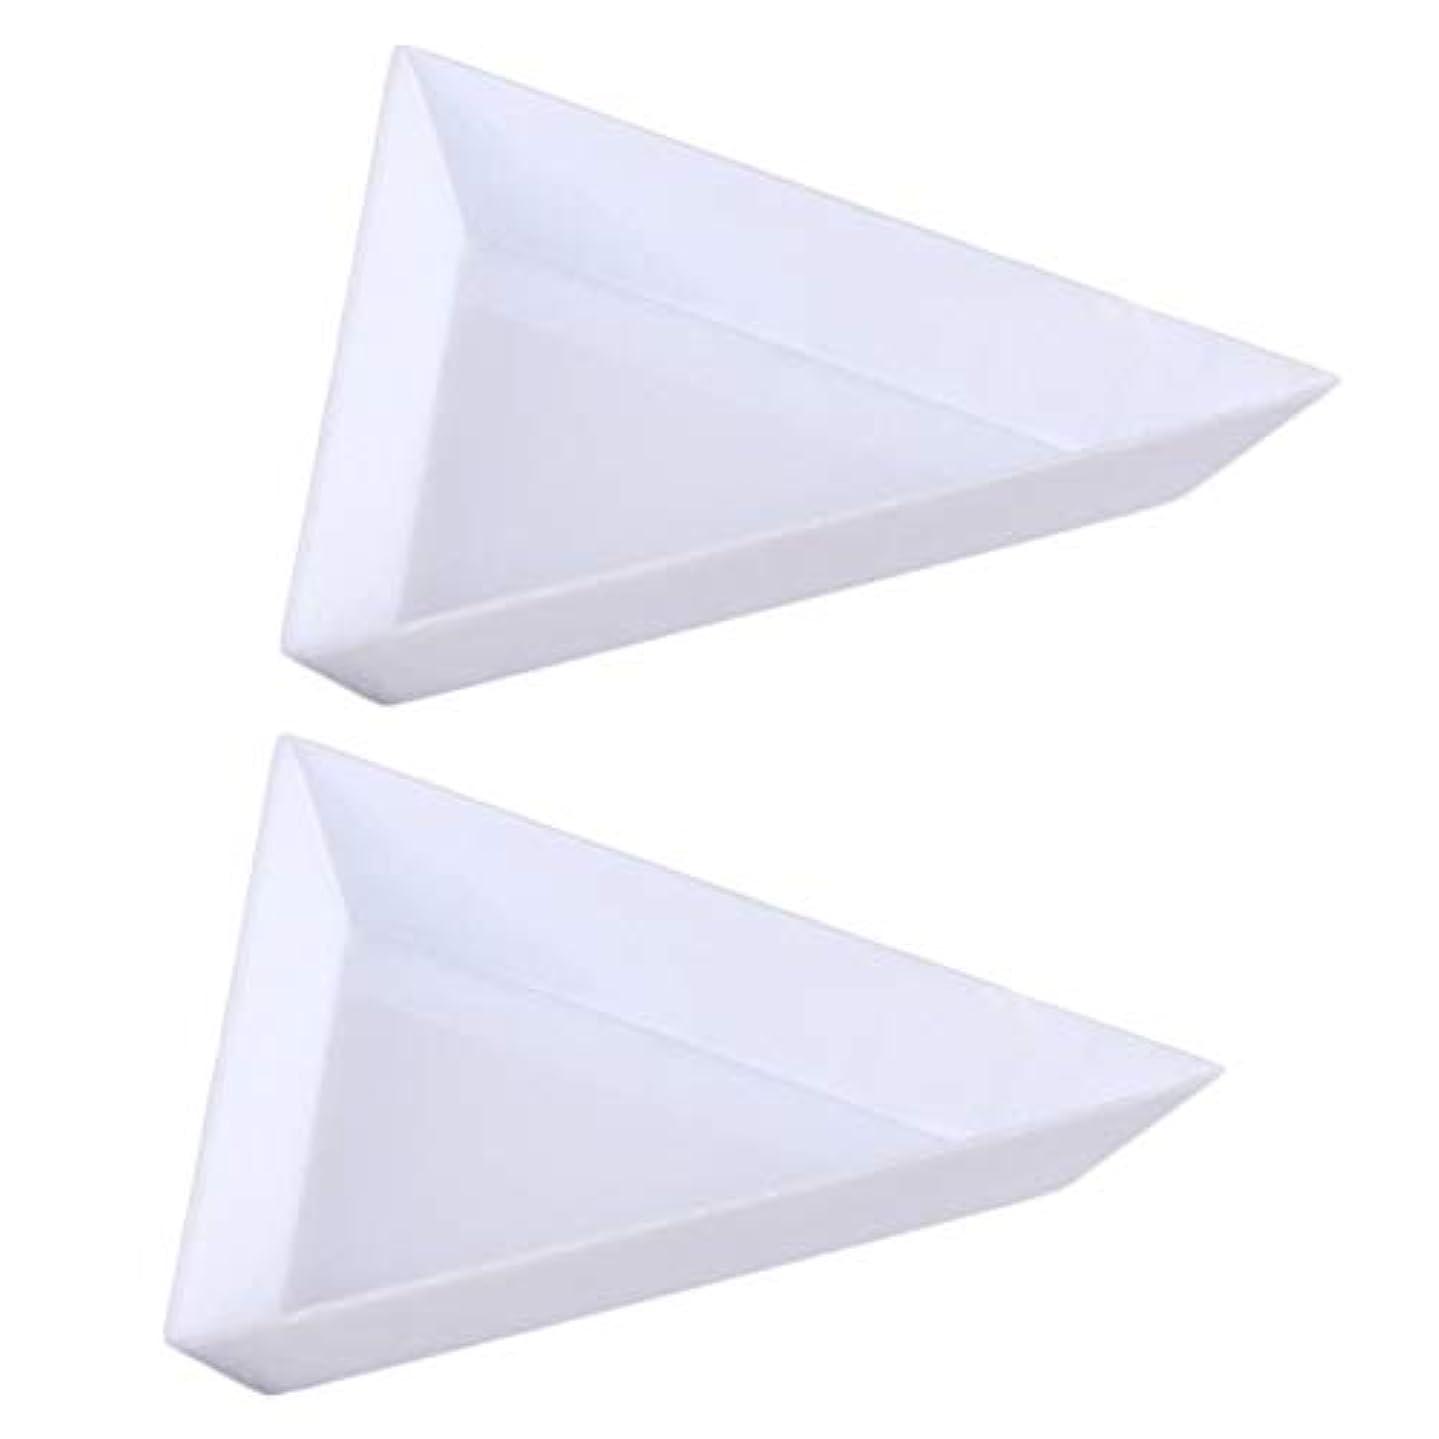 権威周囲実験室ACAMPTAR 10個三角コーナープラスチックラインストーンビーズ 結晶 ネイルアートソーティングトレイアクセサリー白 DiyネイルアートデコレーションDotting収納トレイ オーガニゼーションに最適